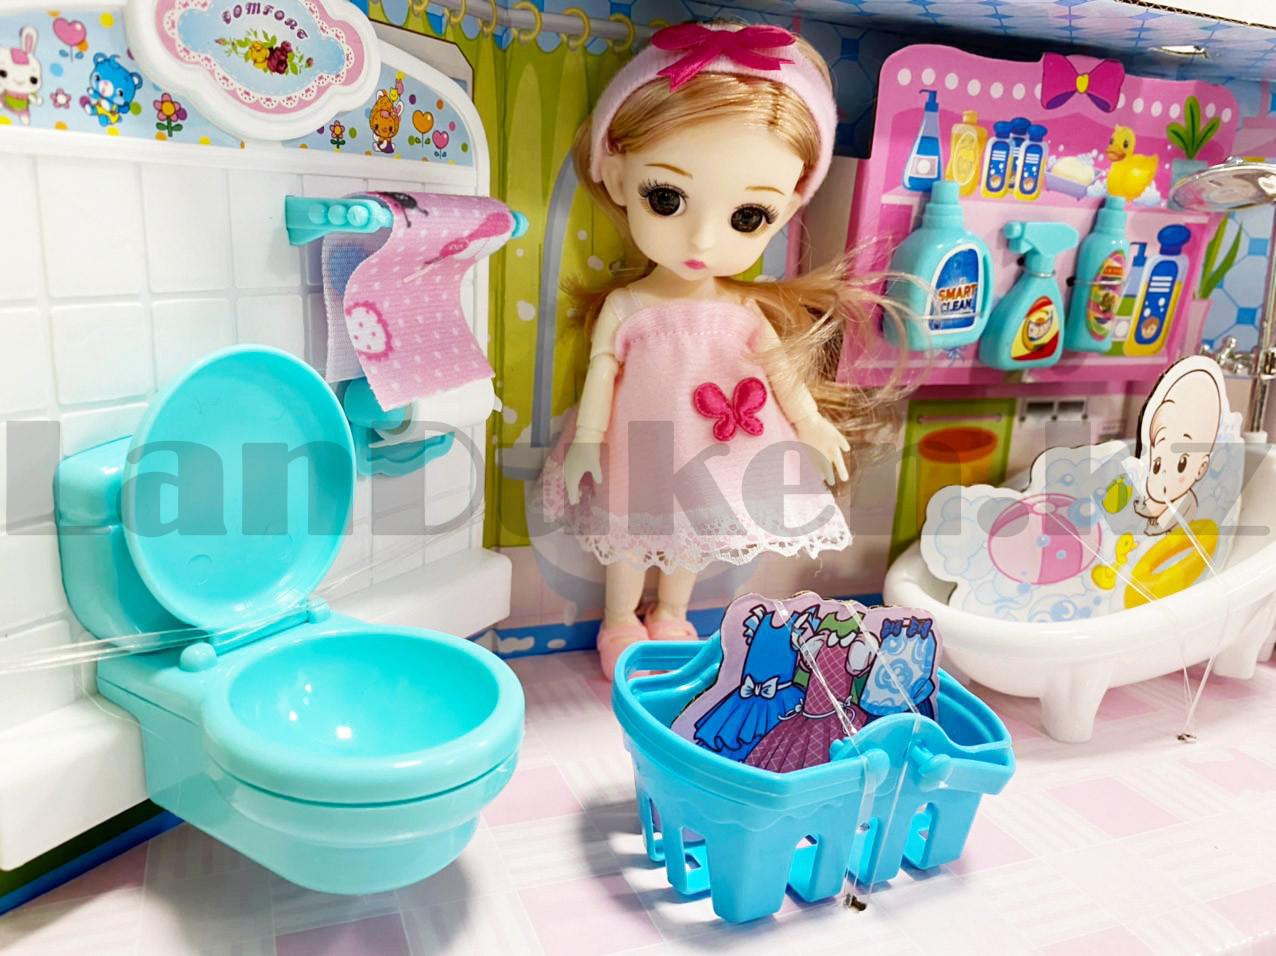 Игровой набор ванная комната с куклой с подвижными руками и ногами и аксессуарами Нарру bathroom No.K0087 - фото 5